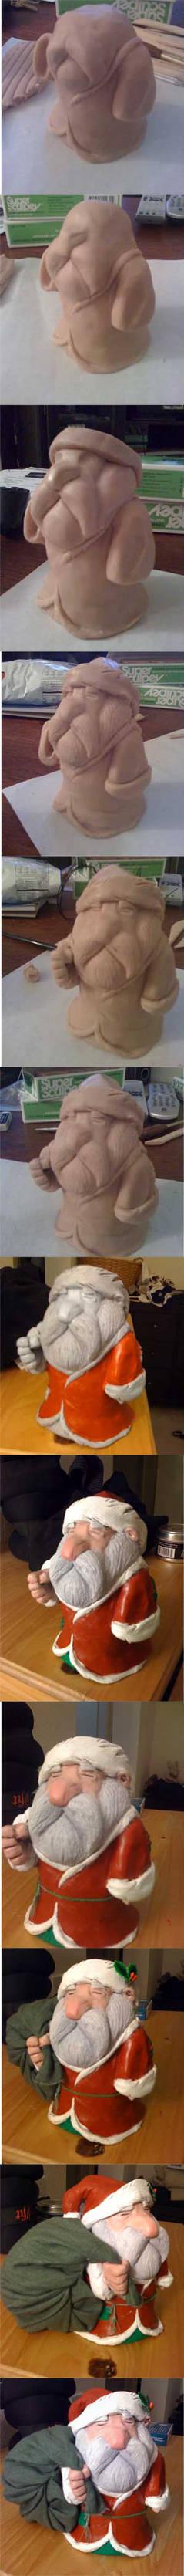 squat santa process